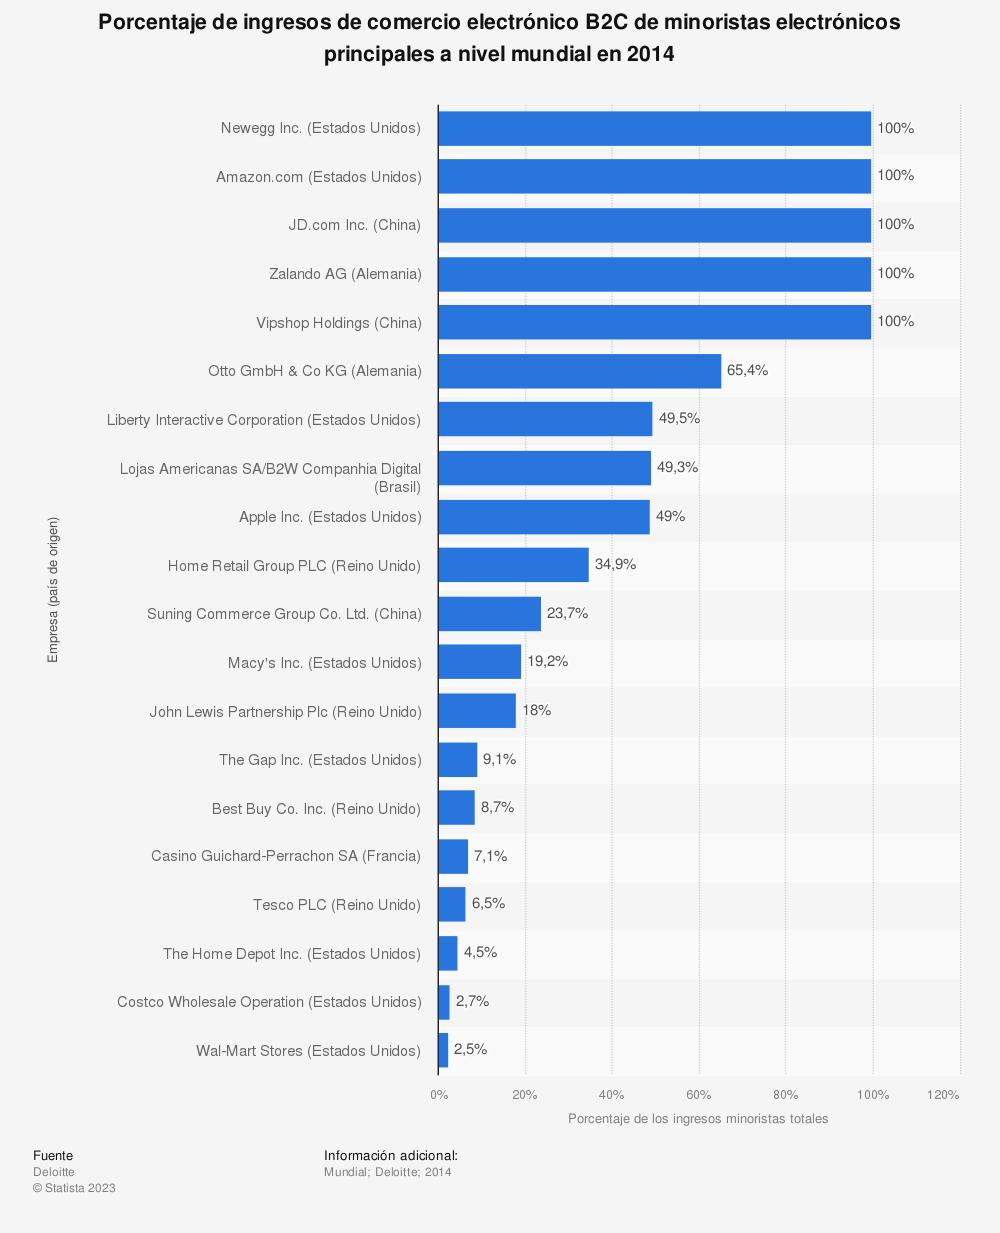 Estadística: Porcentaje de ingresos de comercio electrónico B2C de minoristas electrónicos principales a nivel mundial en 2014 | Statista